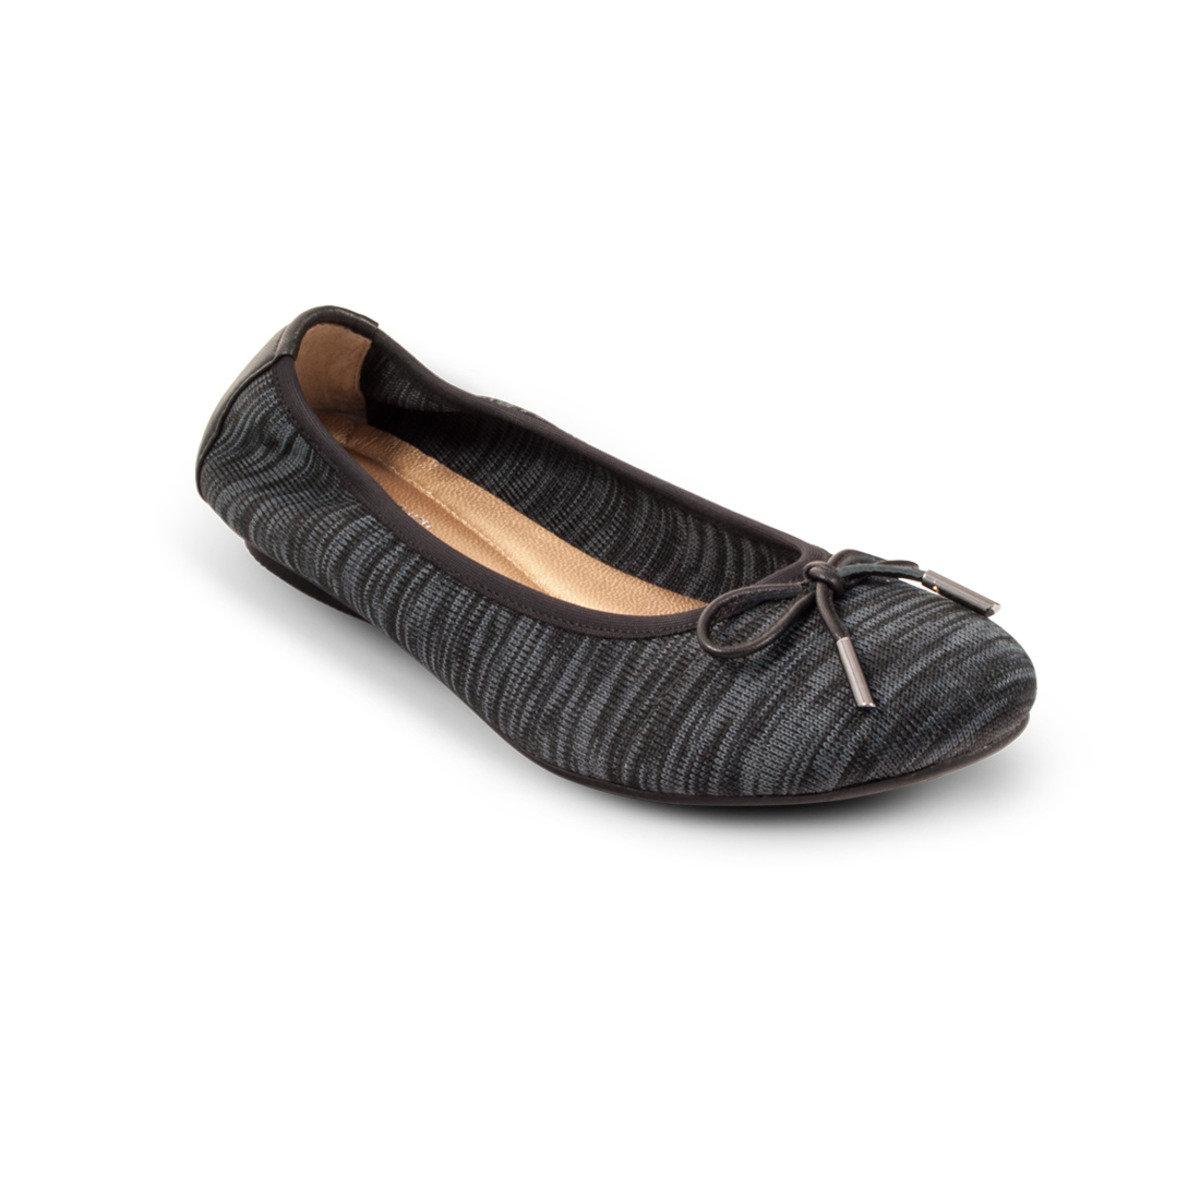 Skinknit 針織平底鞋